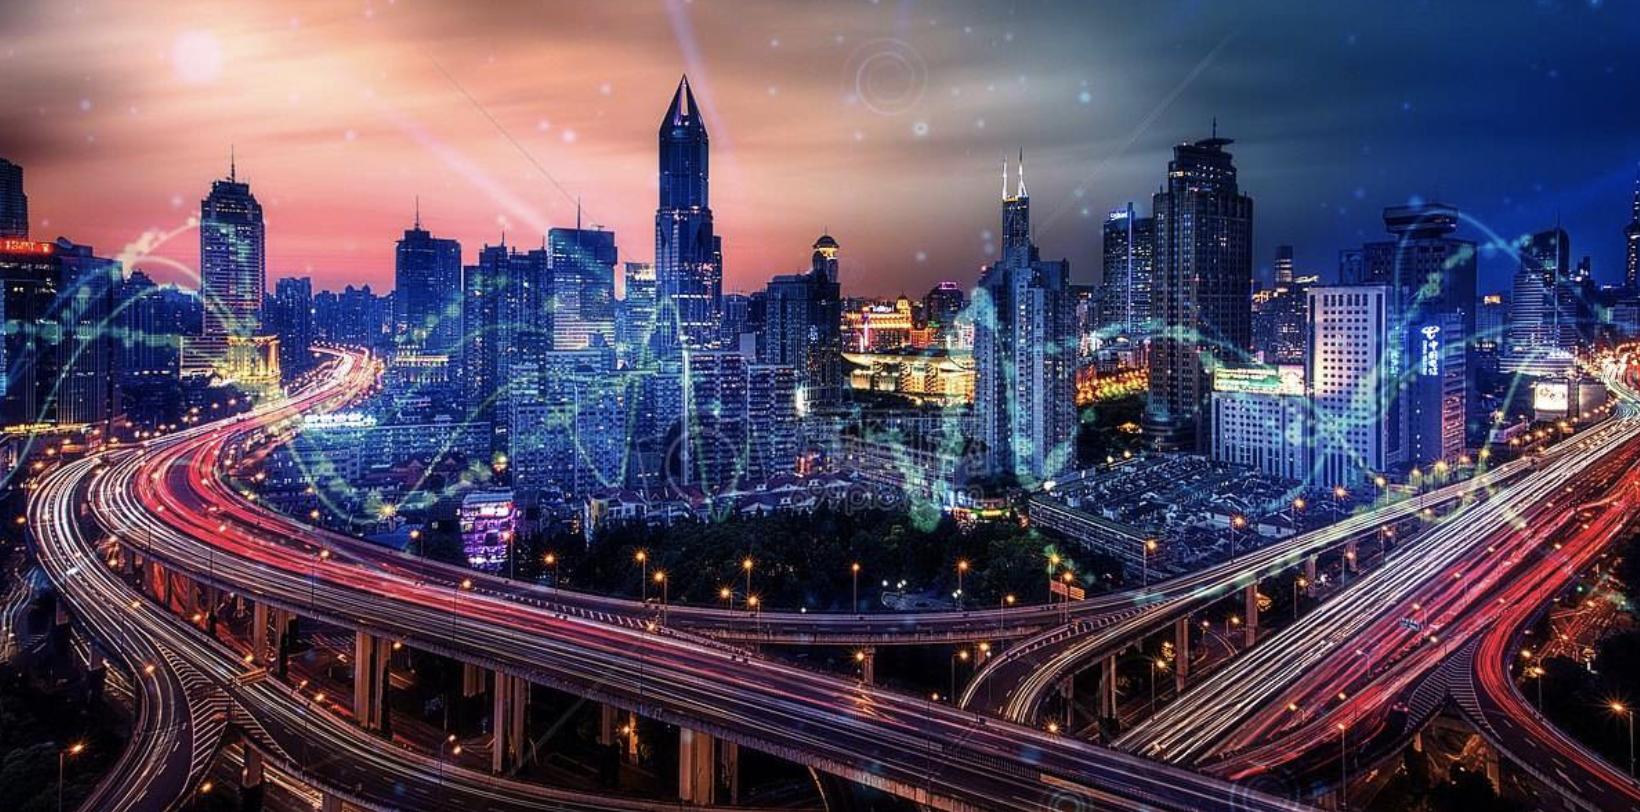 中国科技之城排名榜,厦门排名第二十位